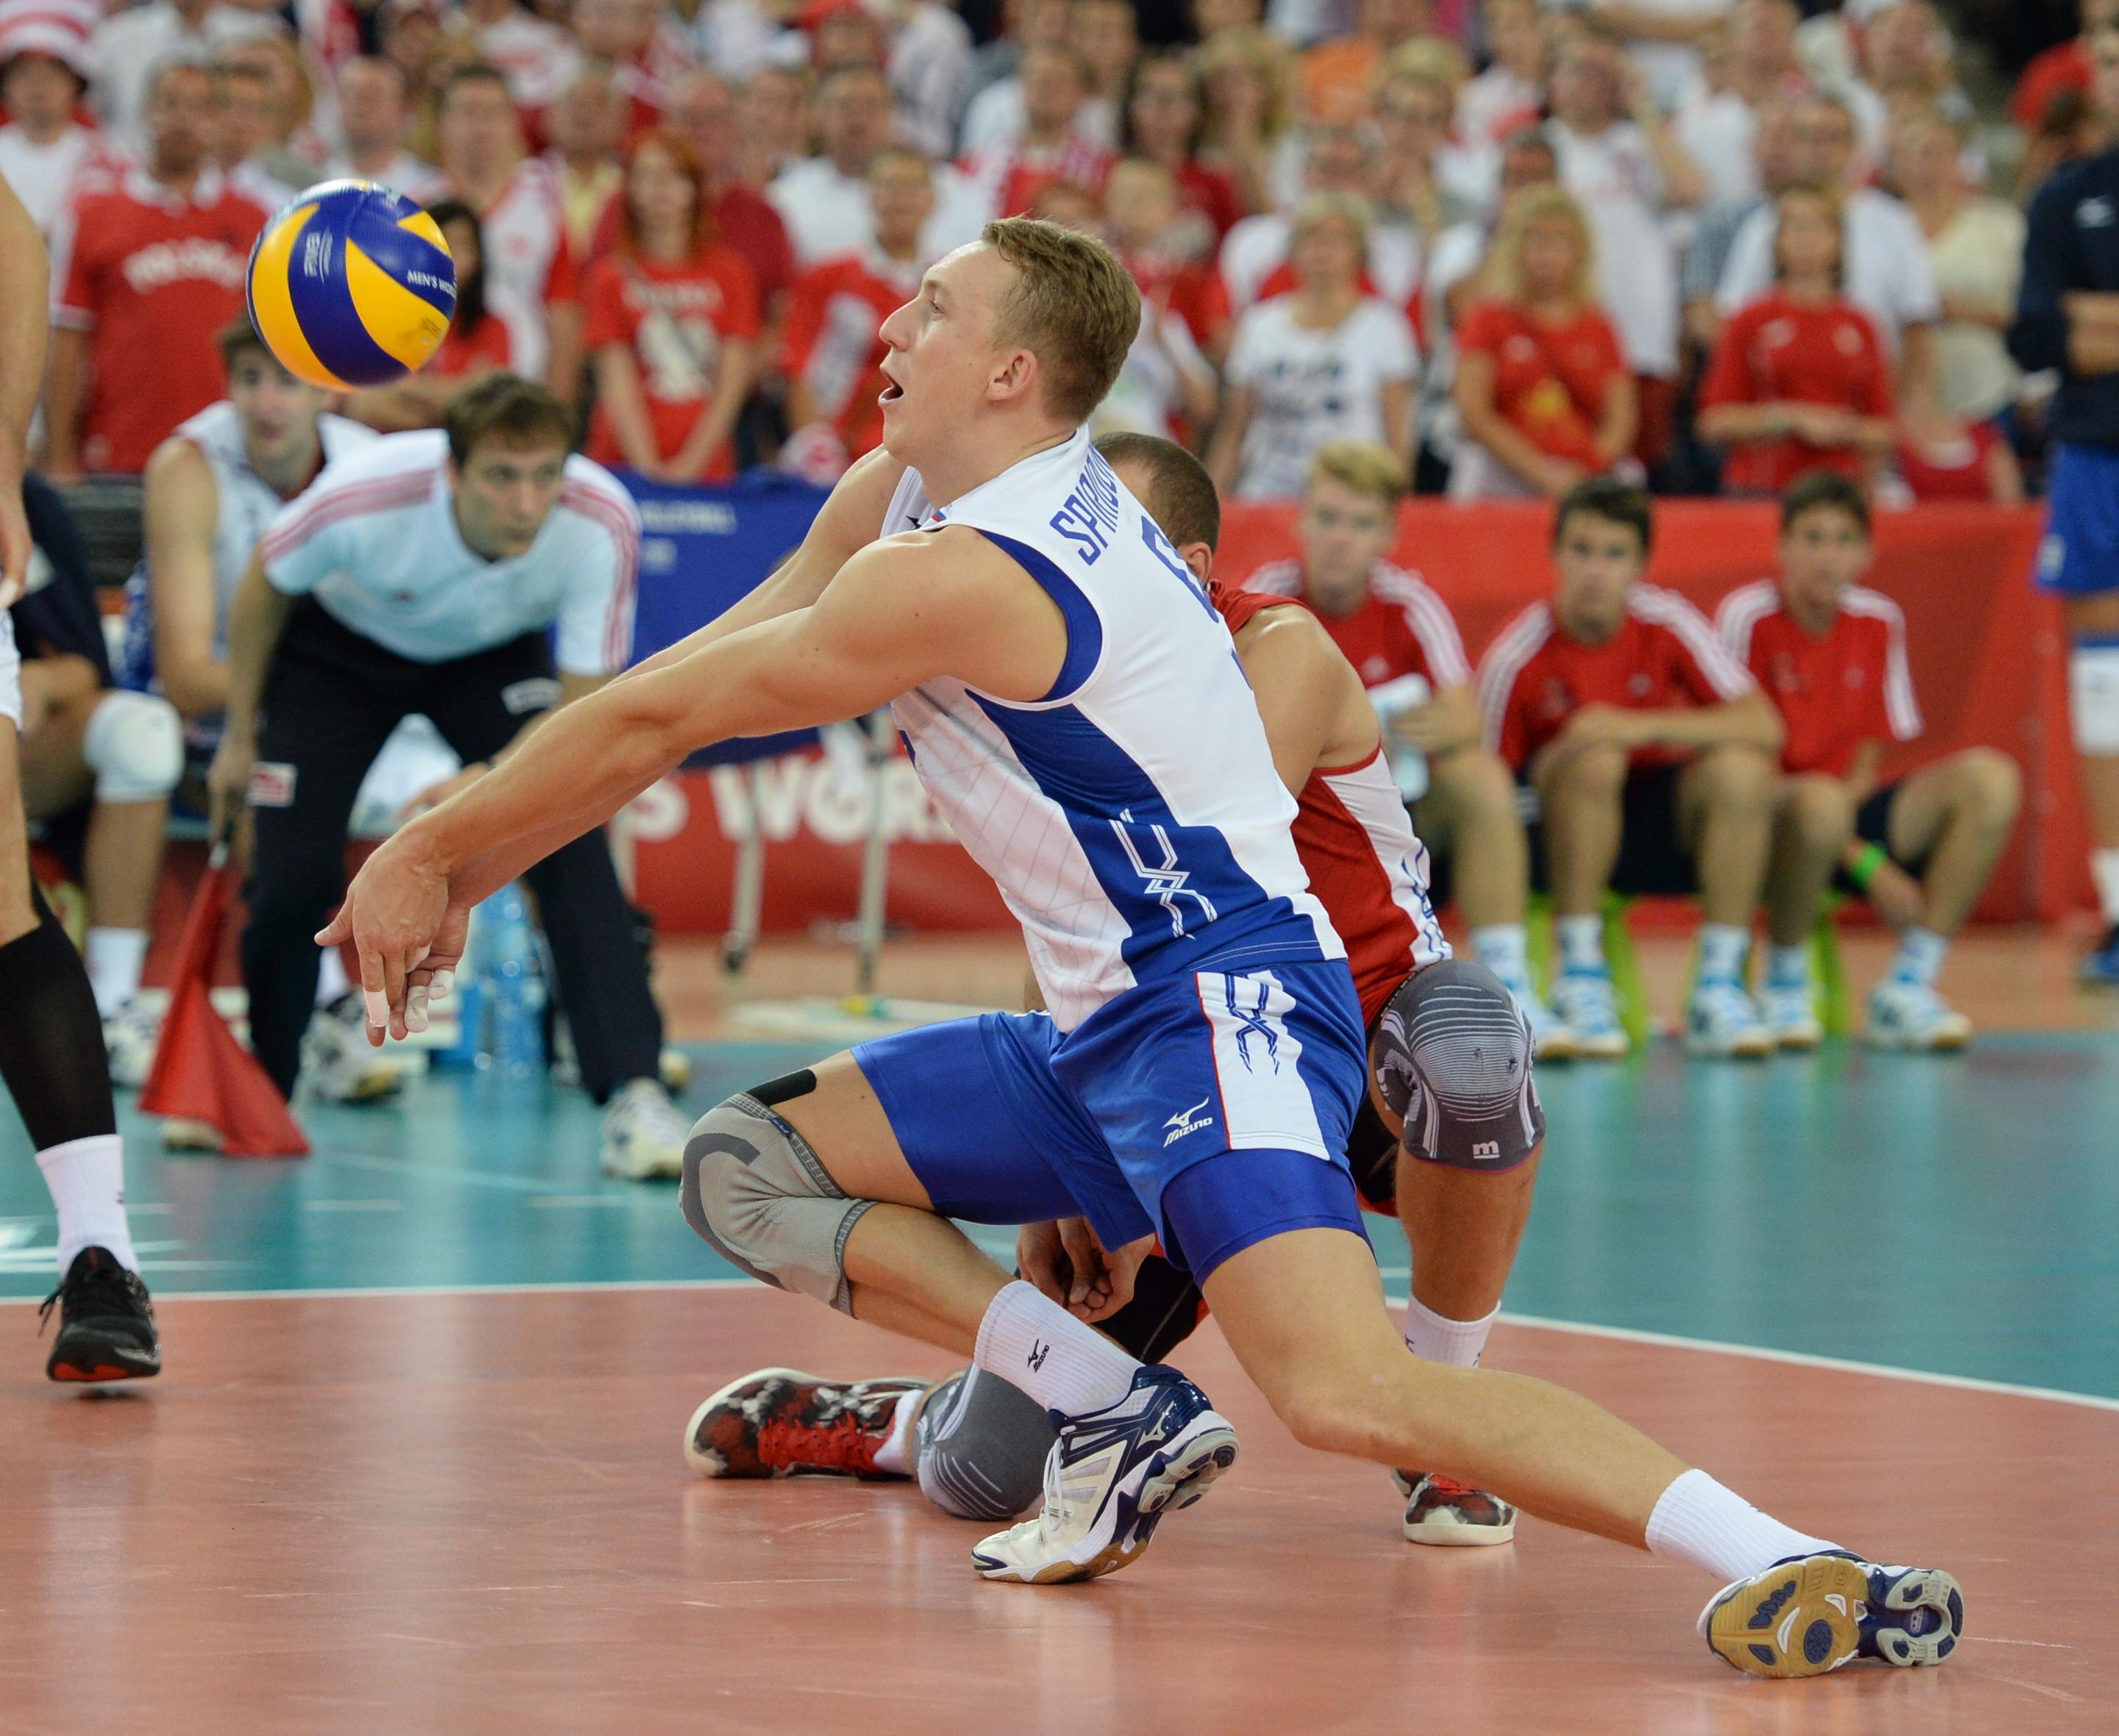 Volleyball WM Heute Russland gegen Iran im Live-Stream: Spiel um Platz 5/6 in Lodz, Live Übertragung um 13:30